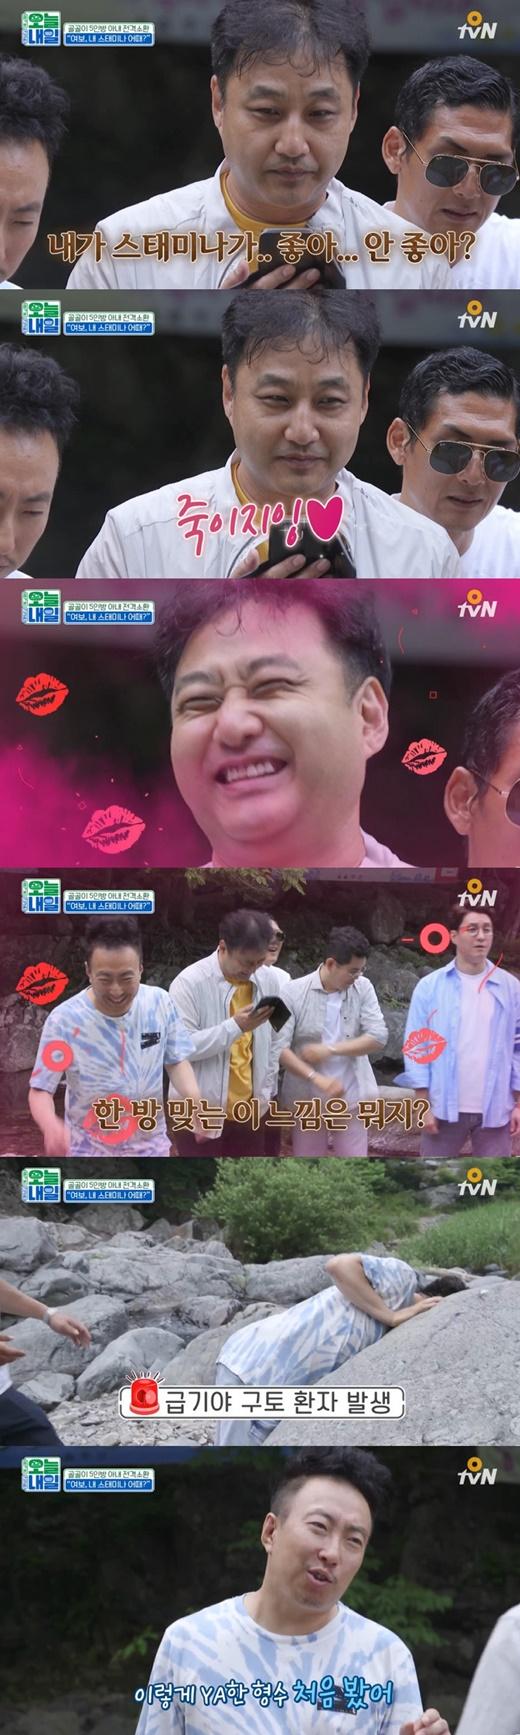 """'오늘내일' 박명수, 김수용 아내 19禁 발언에 """"이렇게 야한 형수 처음 봐"""""""